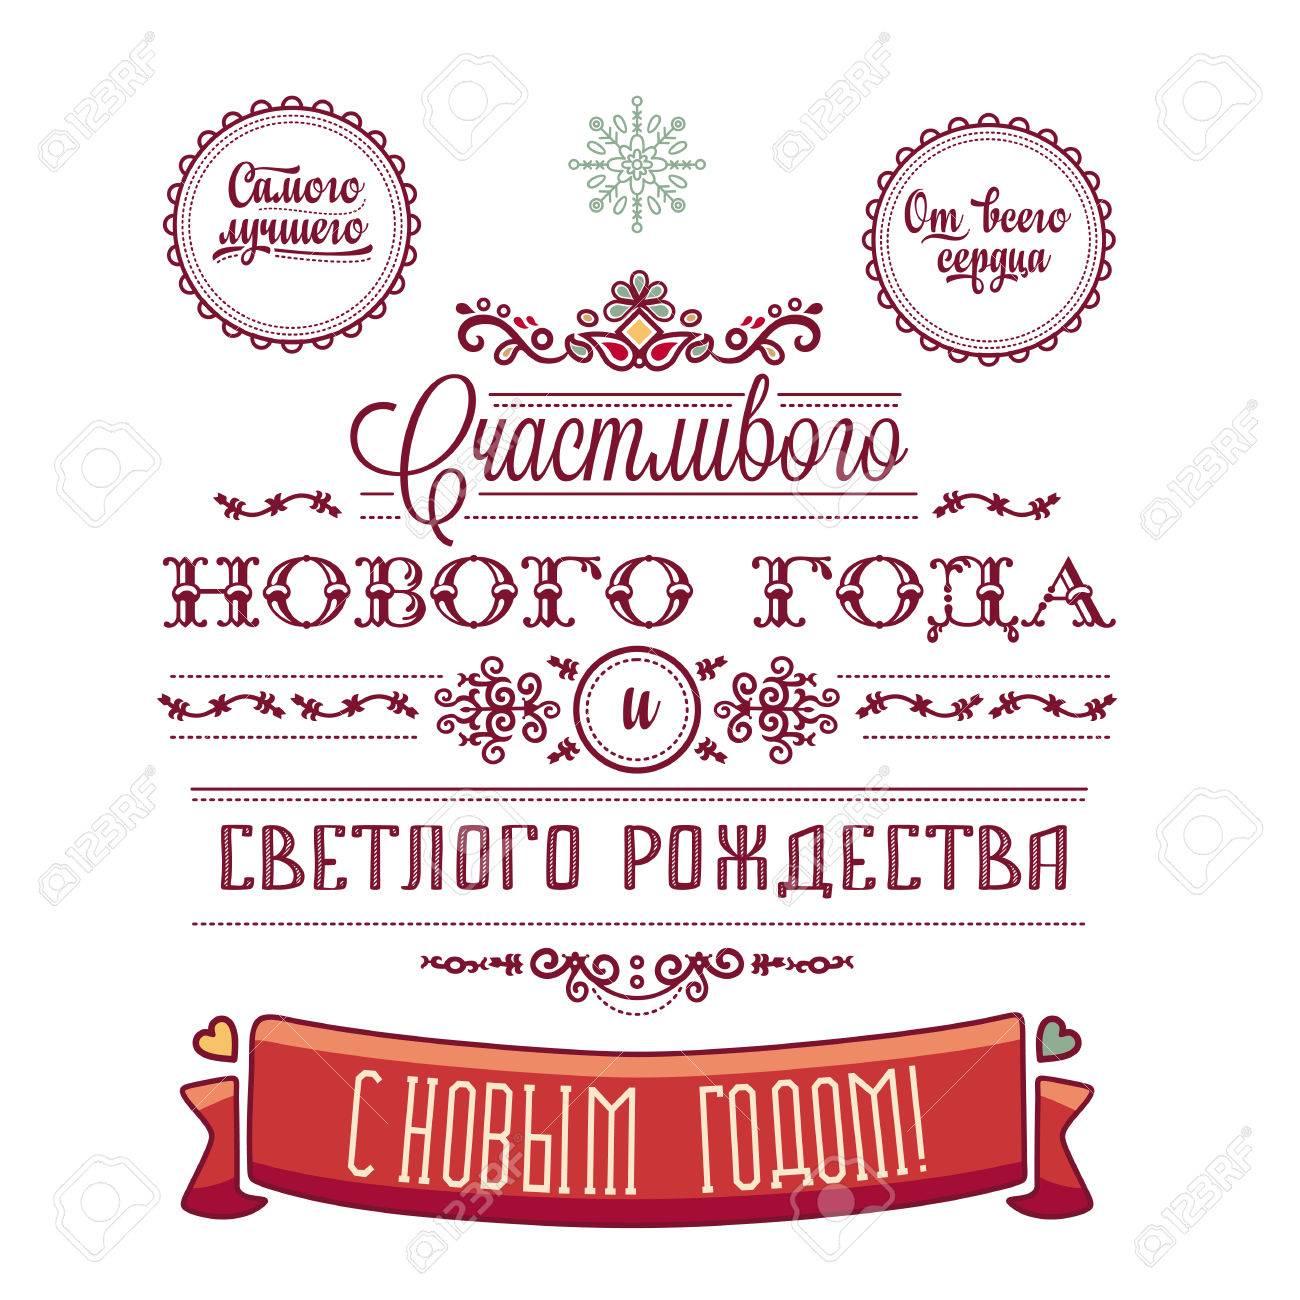 Nouvel An Lettrage Scénographie Les éléments Décoratifs De Vacances Dhiver Messages Typographiques Carte De Voeux Cyrillique Nouvel An Russe